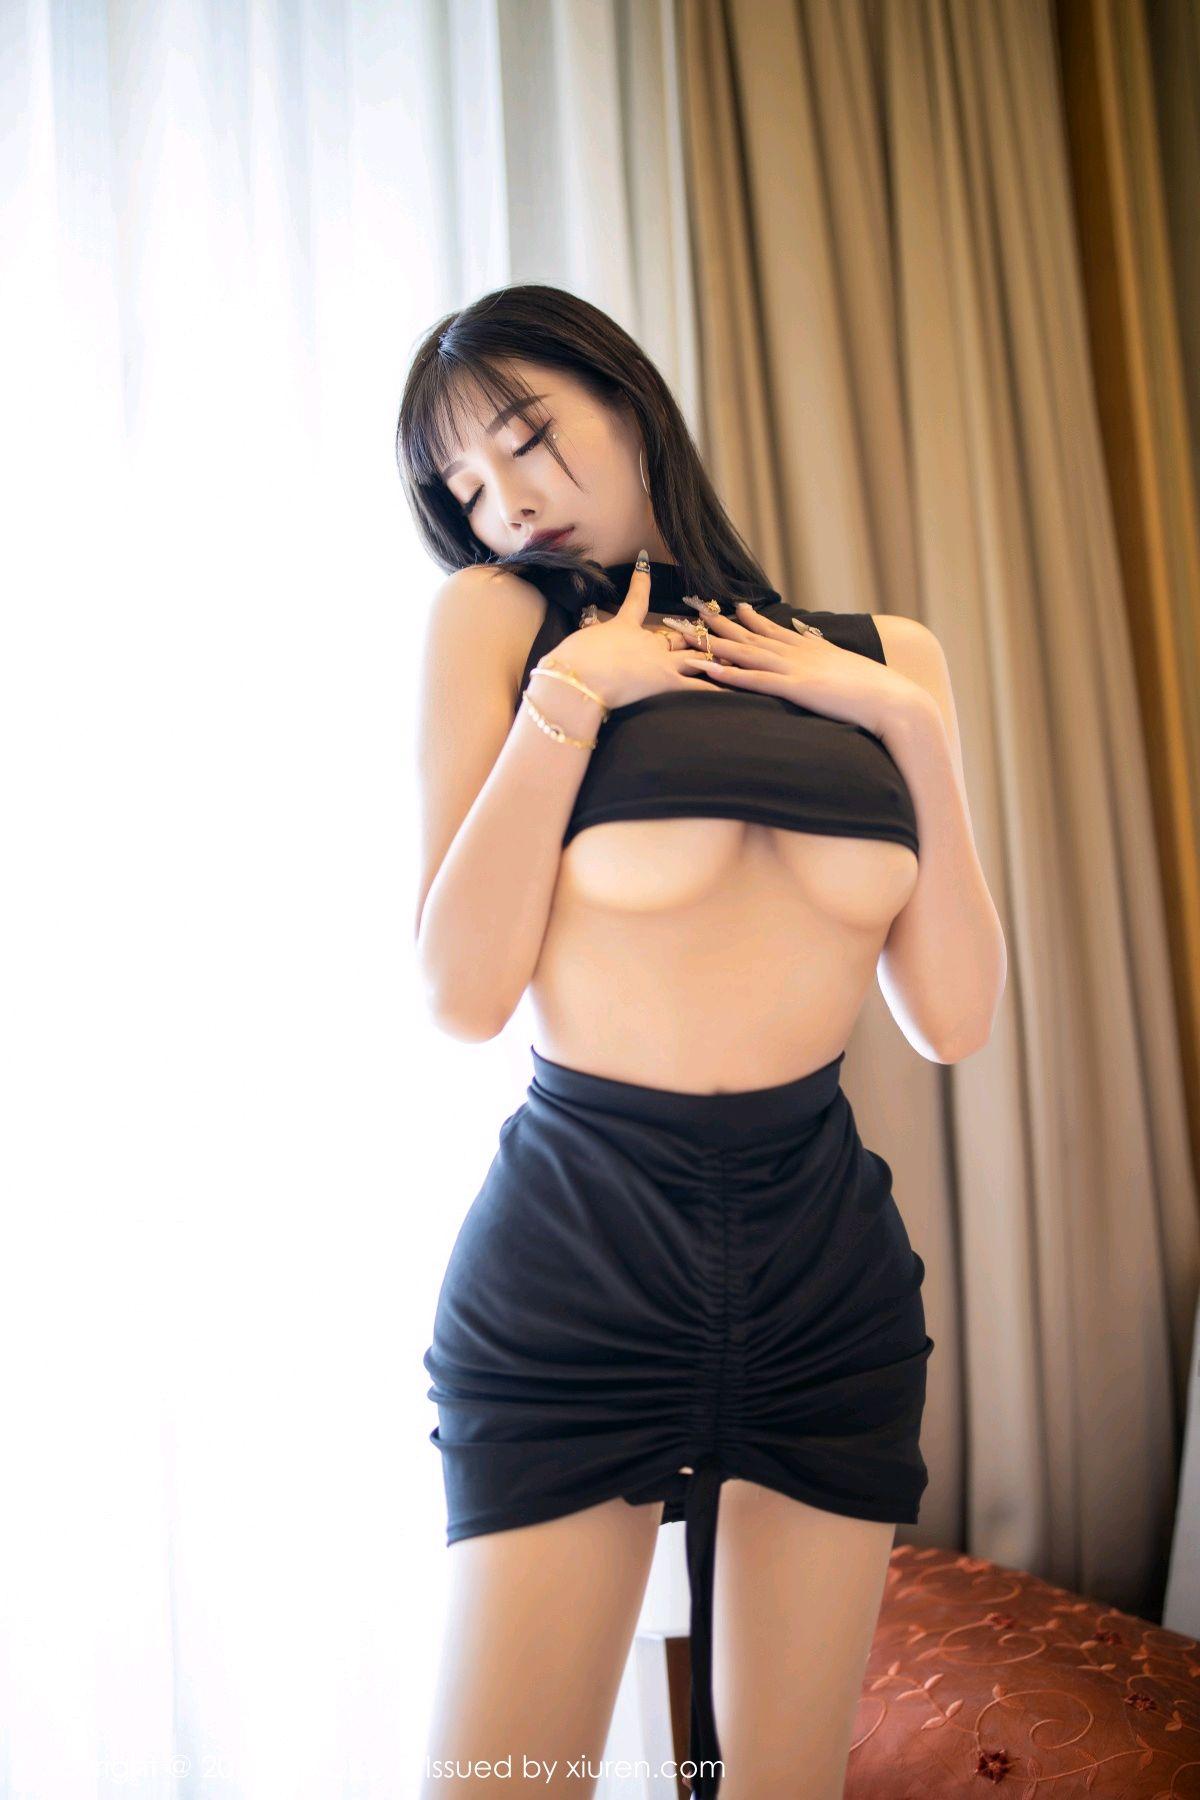 [XiaoYu] Vol.134 Yang Chen Chen 42P, Tall, Underwear, XiaoYu, Yang Chen Chen